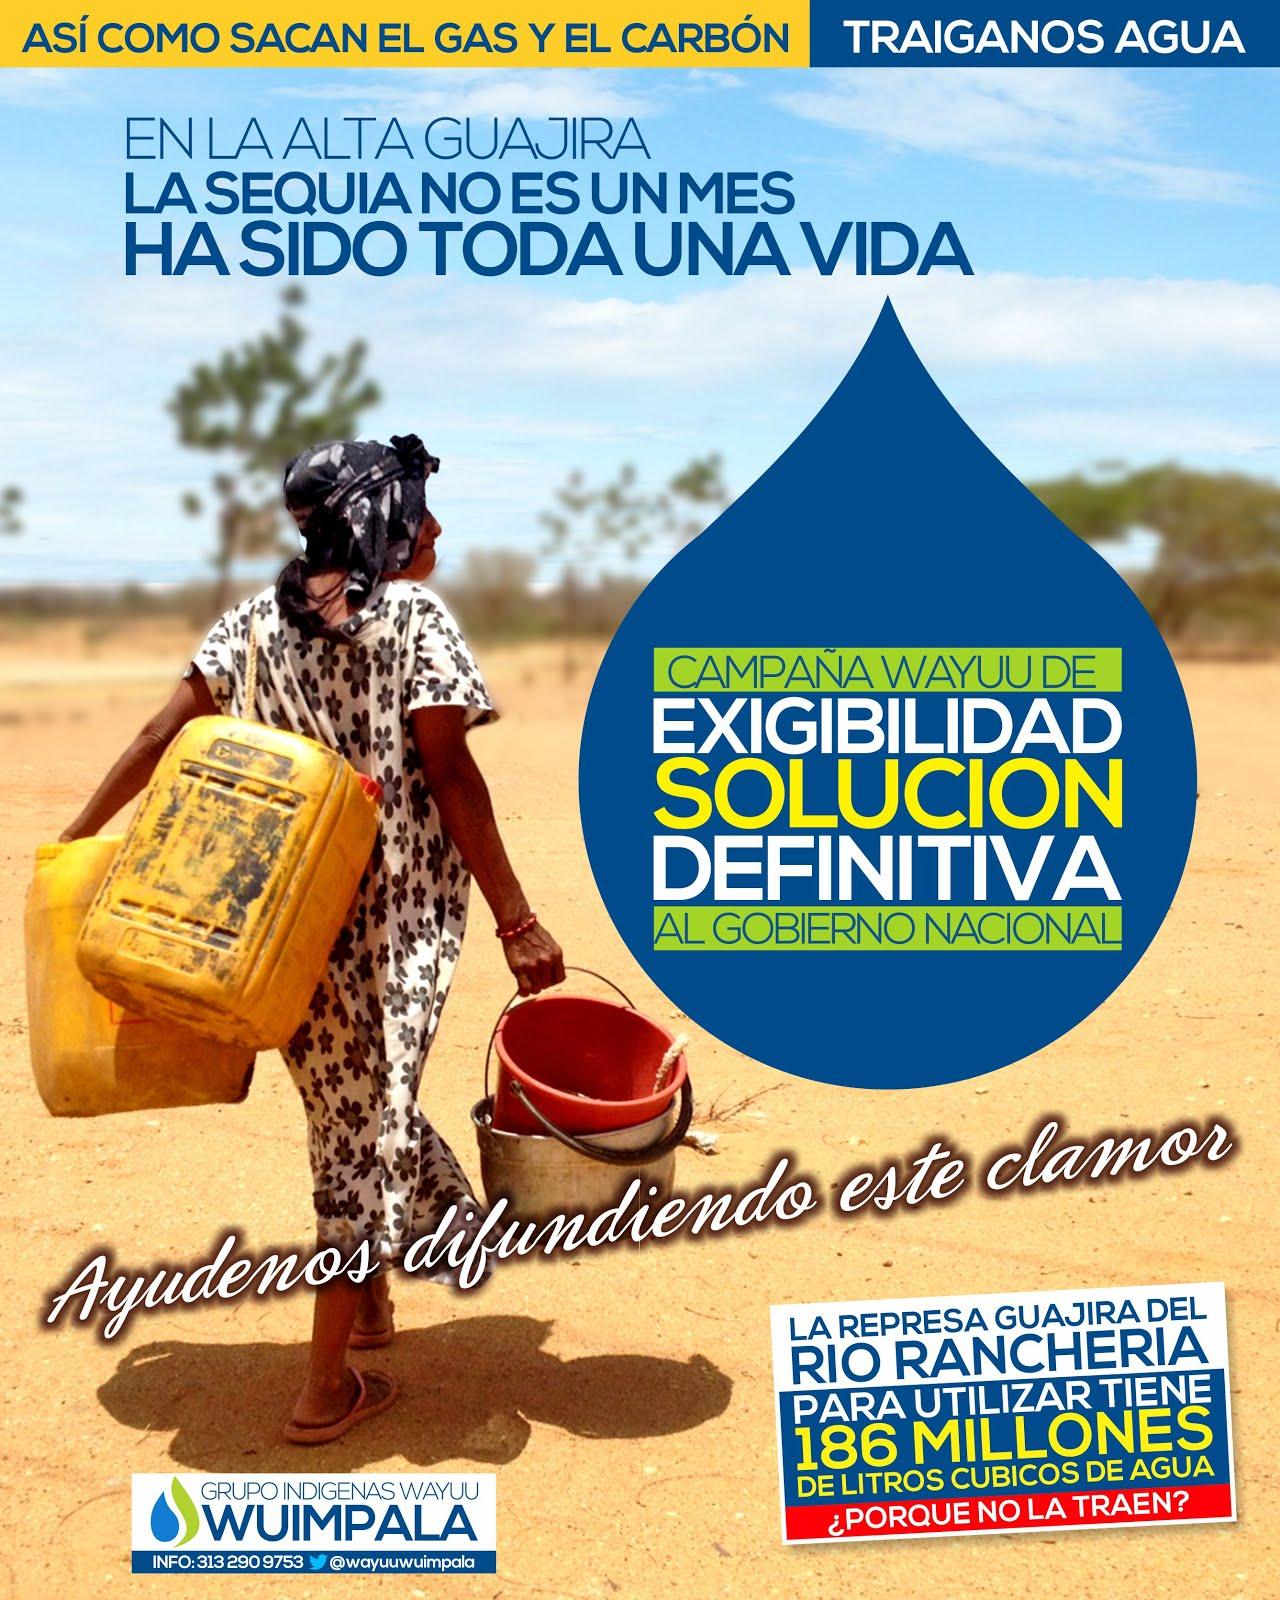 Sequía en La Guajira